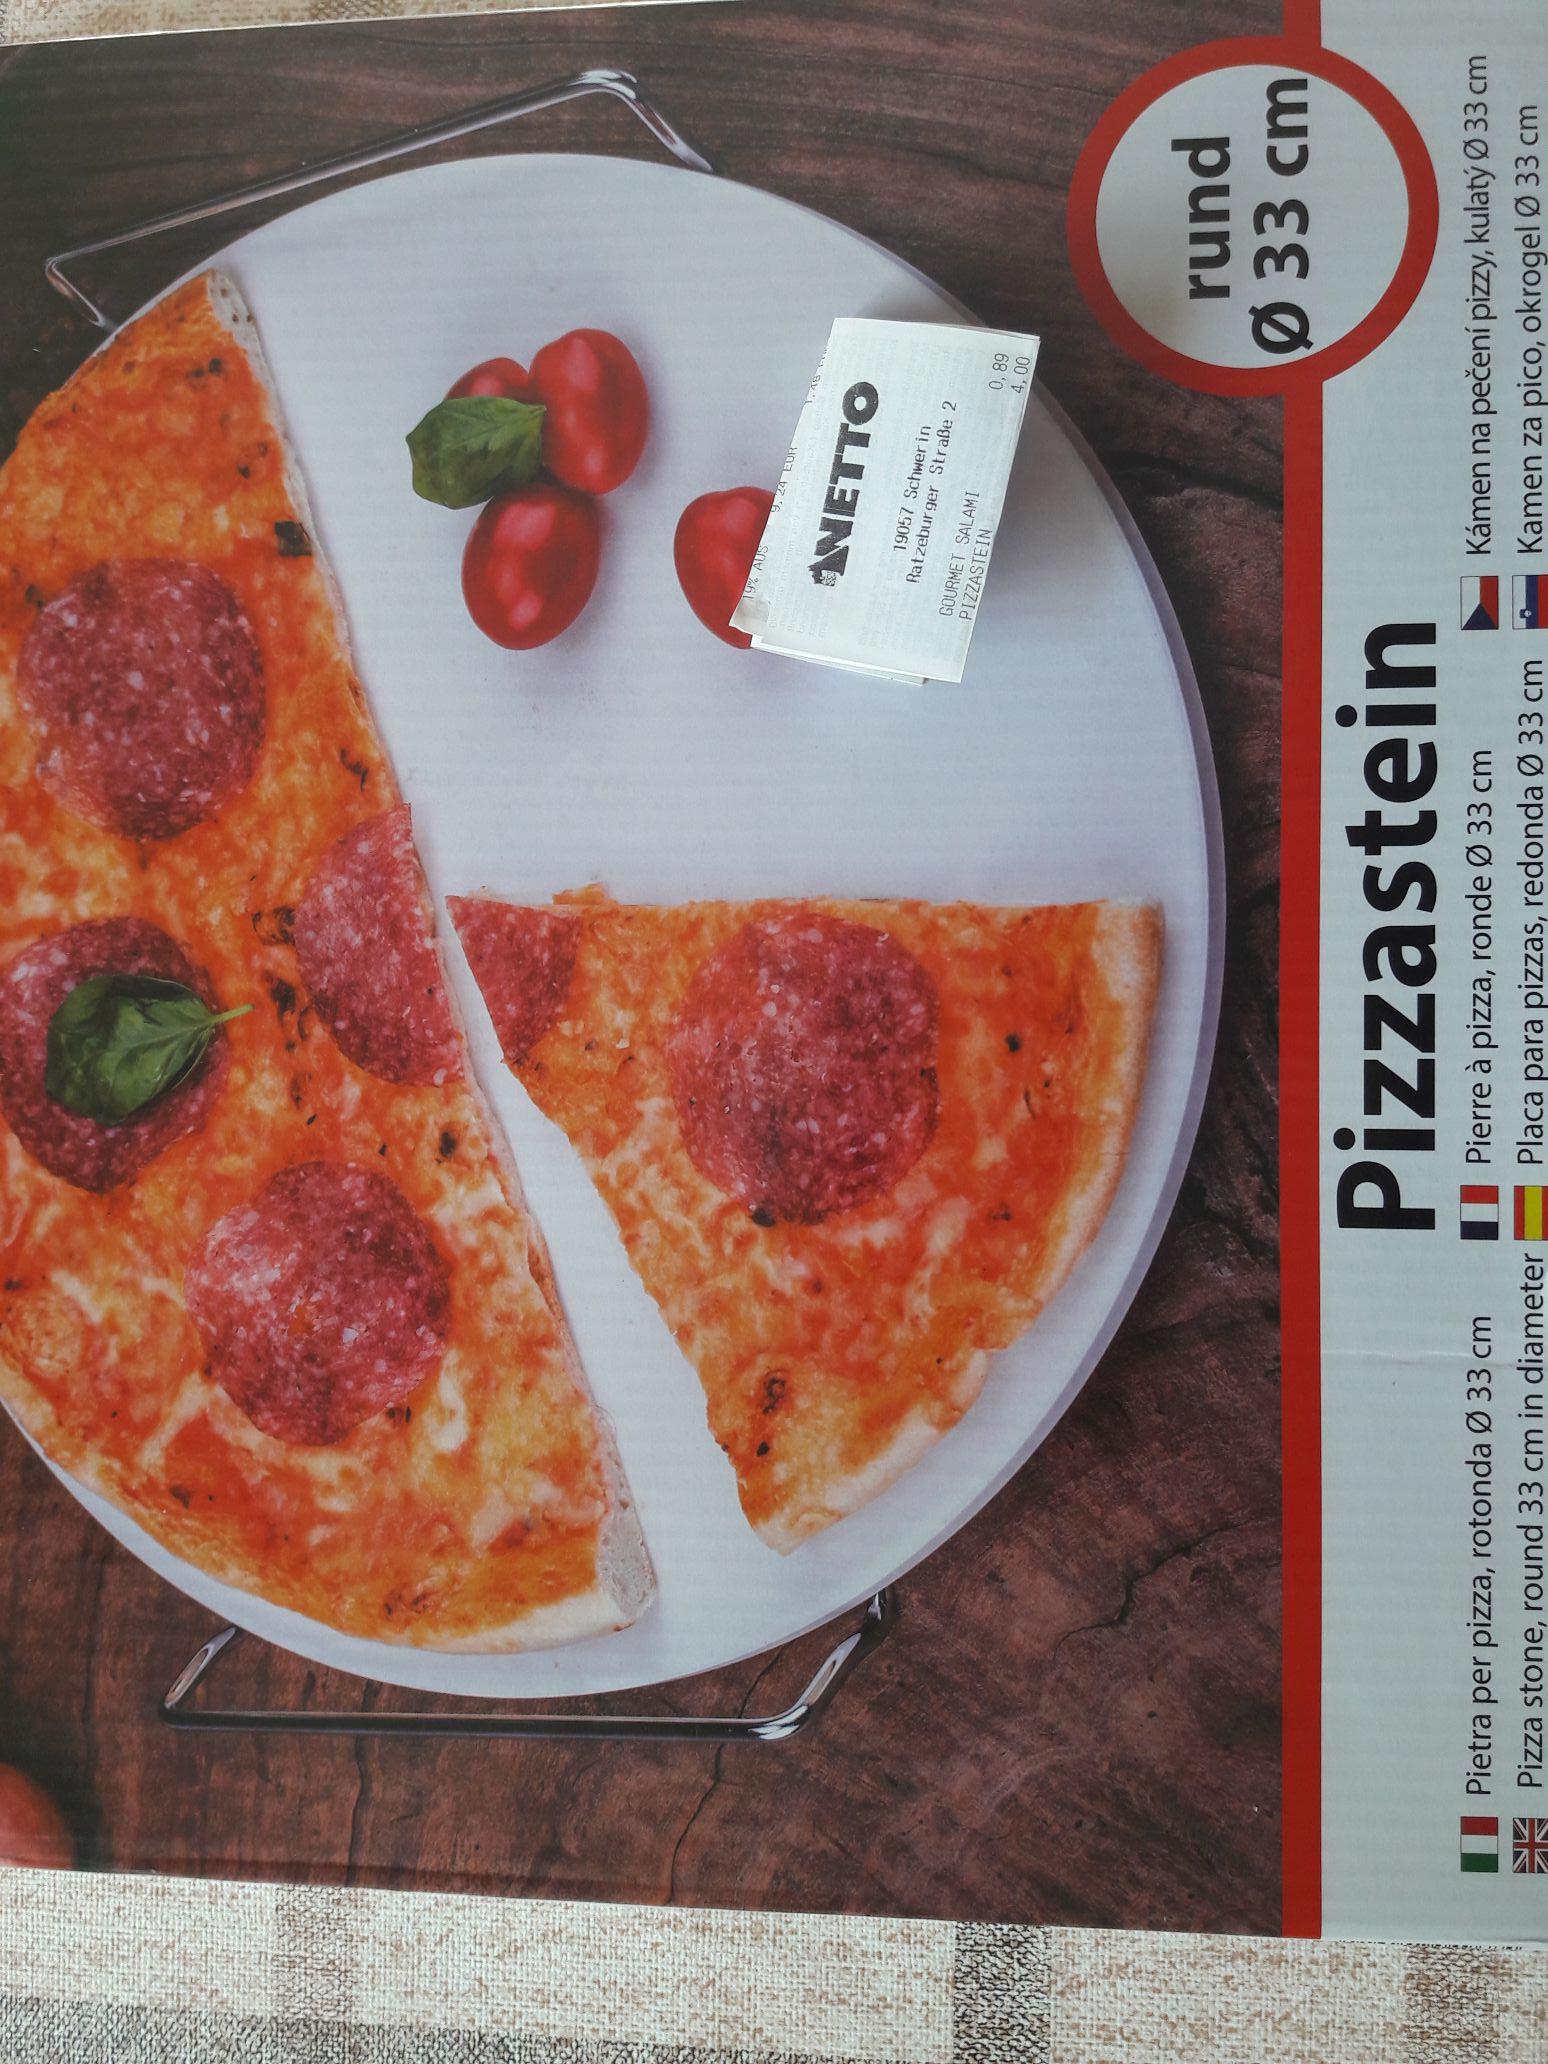 Pizzastein Lokal Netto Schwerin Ratzeburger Str.